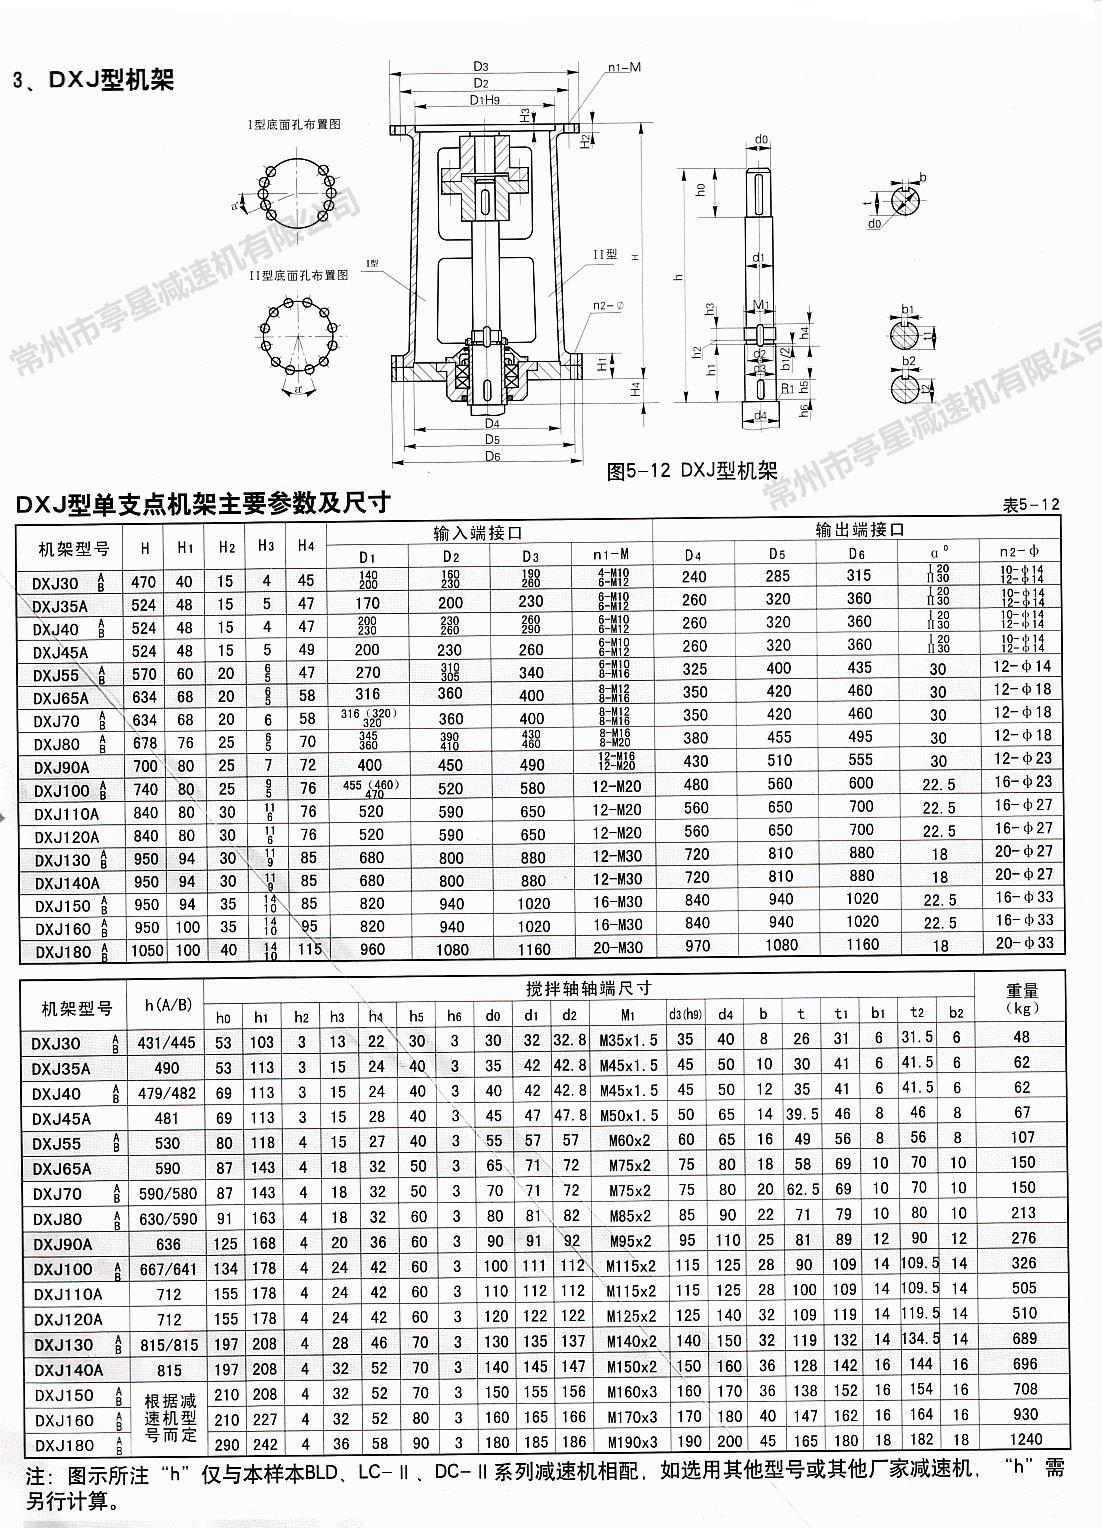 減速機DXJ機架安裝尺寸表